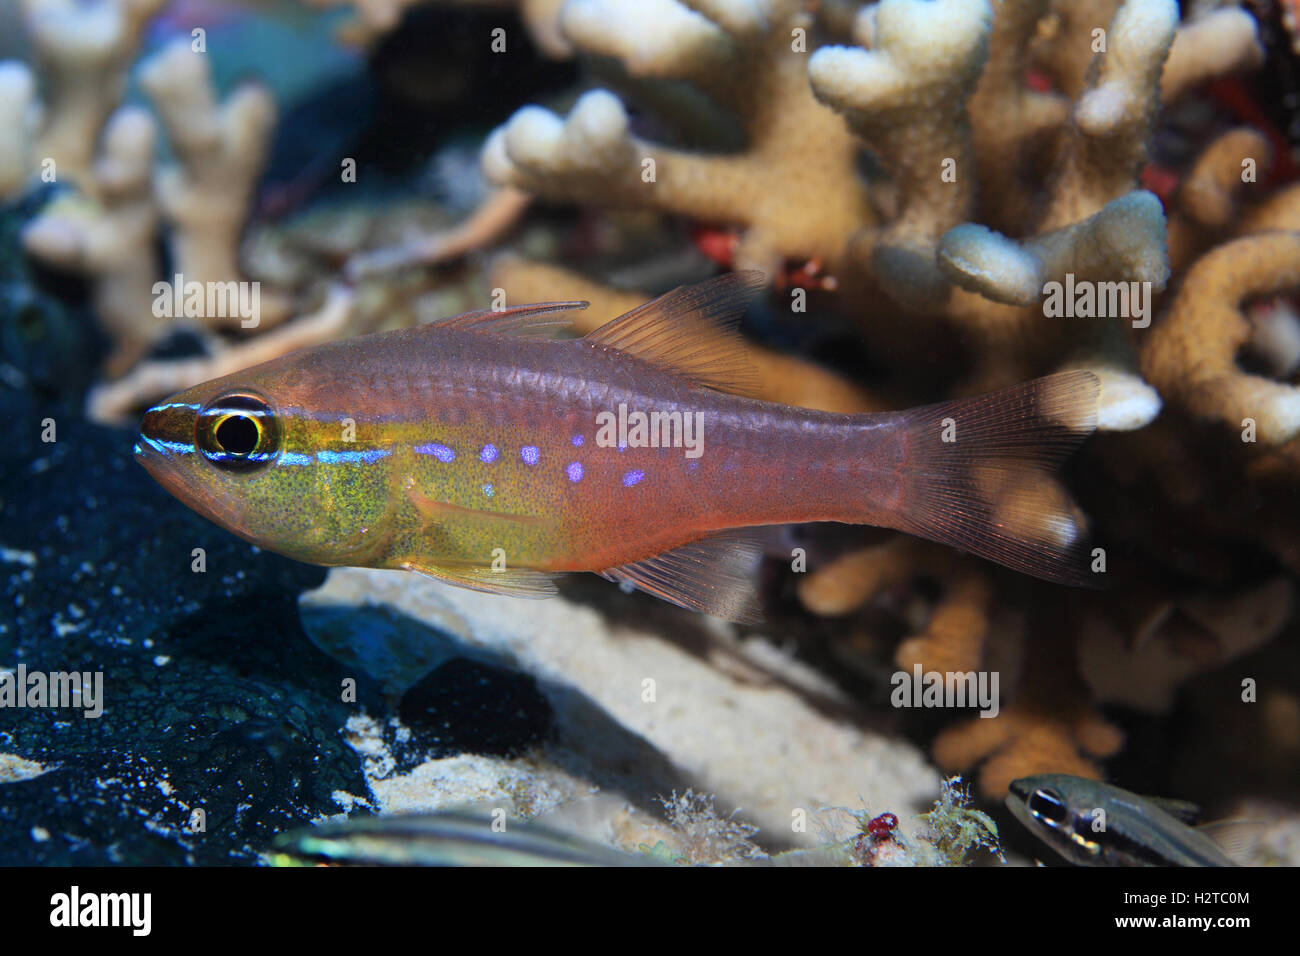 Dente curto cardinalfish (Ostorhinchus apogonides) em águas tropicais do mar vermelho Imagens de Stock